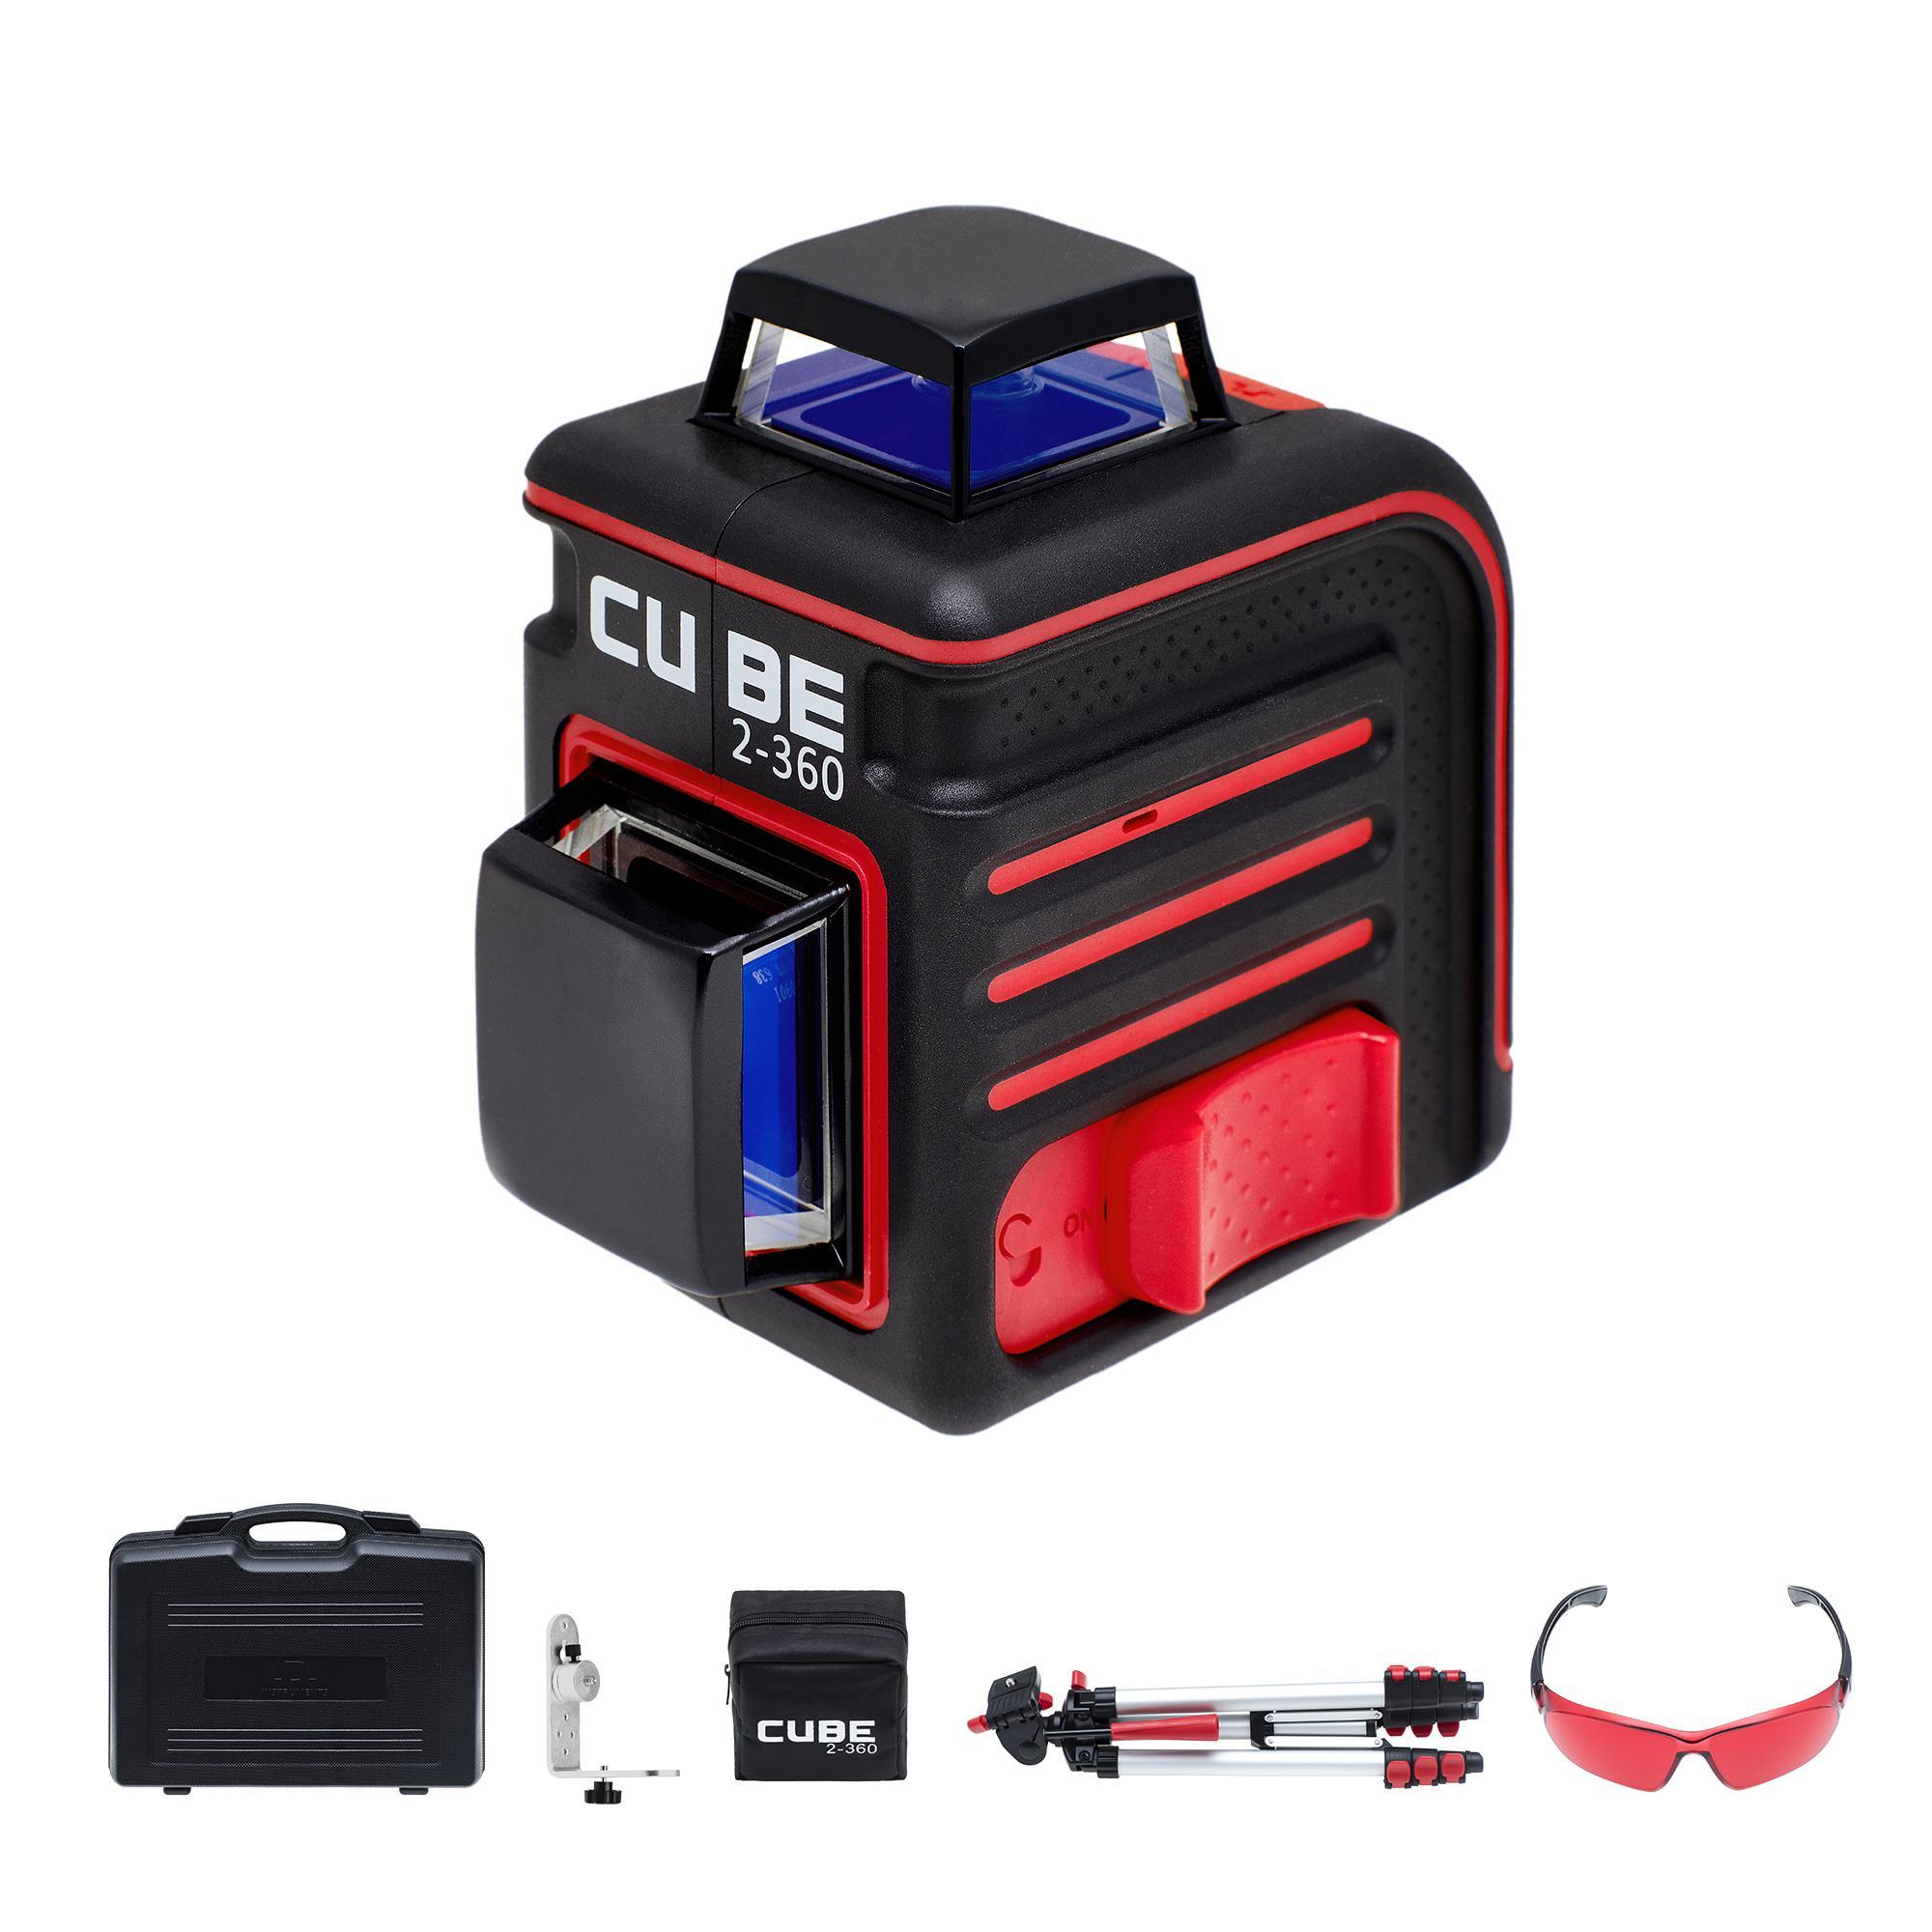 цена на Построитель лазерных плоскостей Ada Cube 2-360 ultimate edition